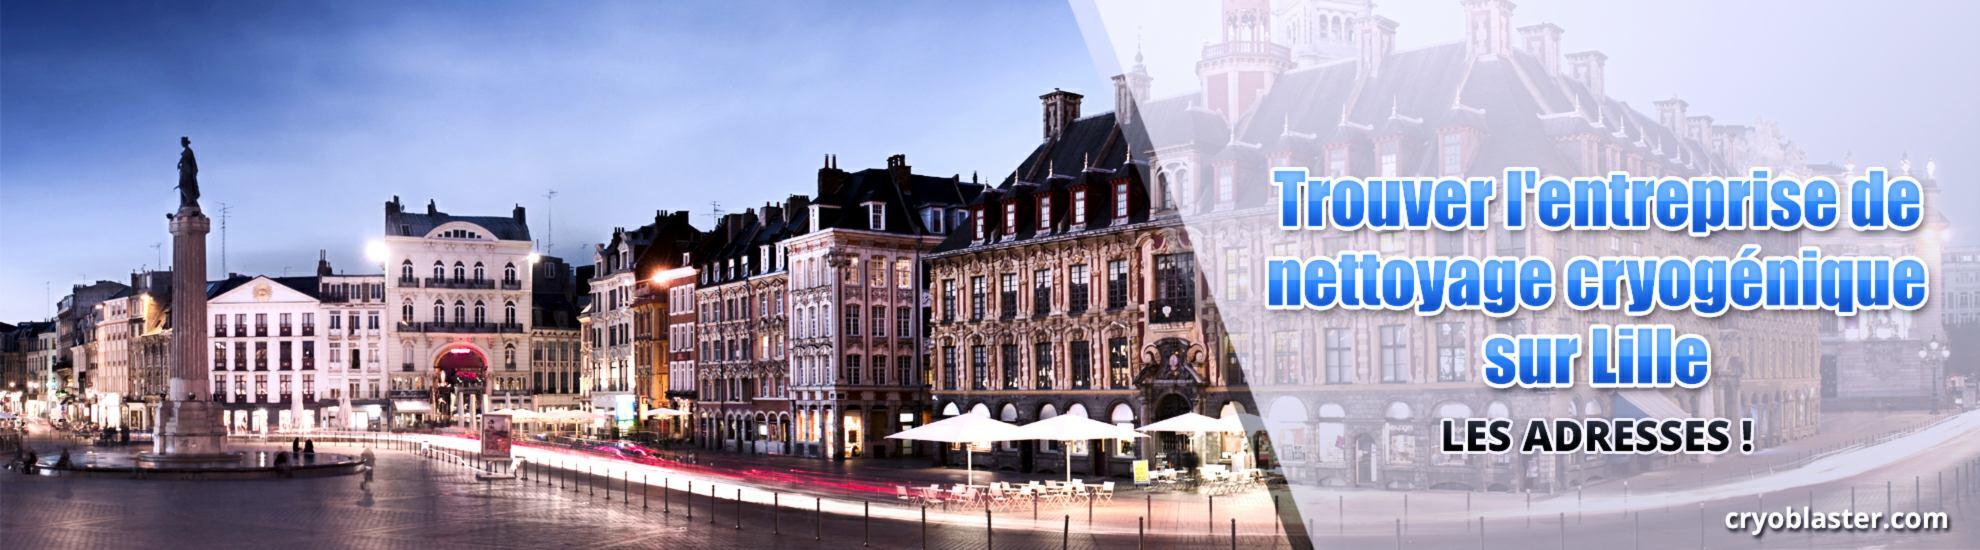 Entreprise de nettoyage cryogénique sur Lille